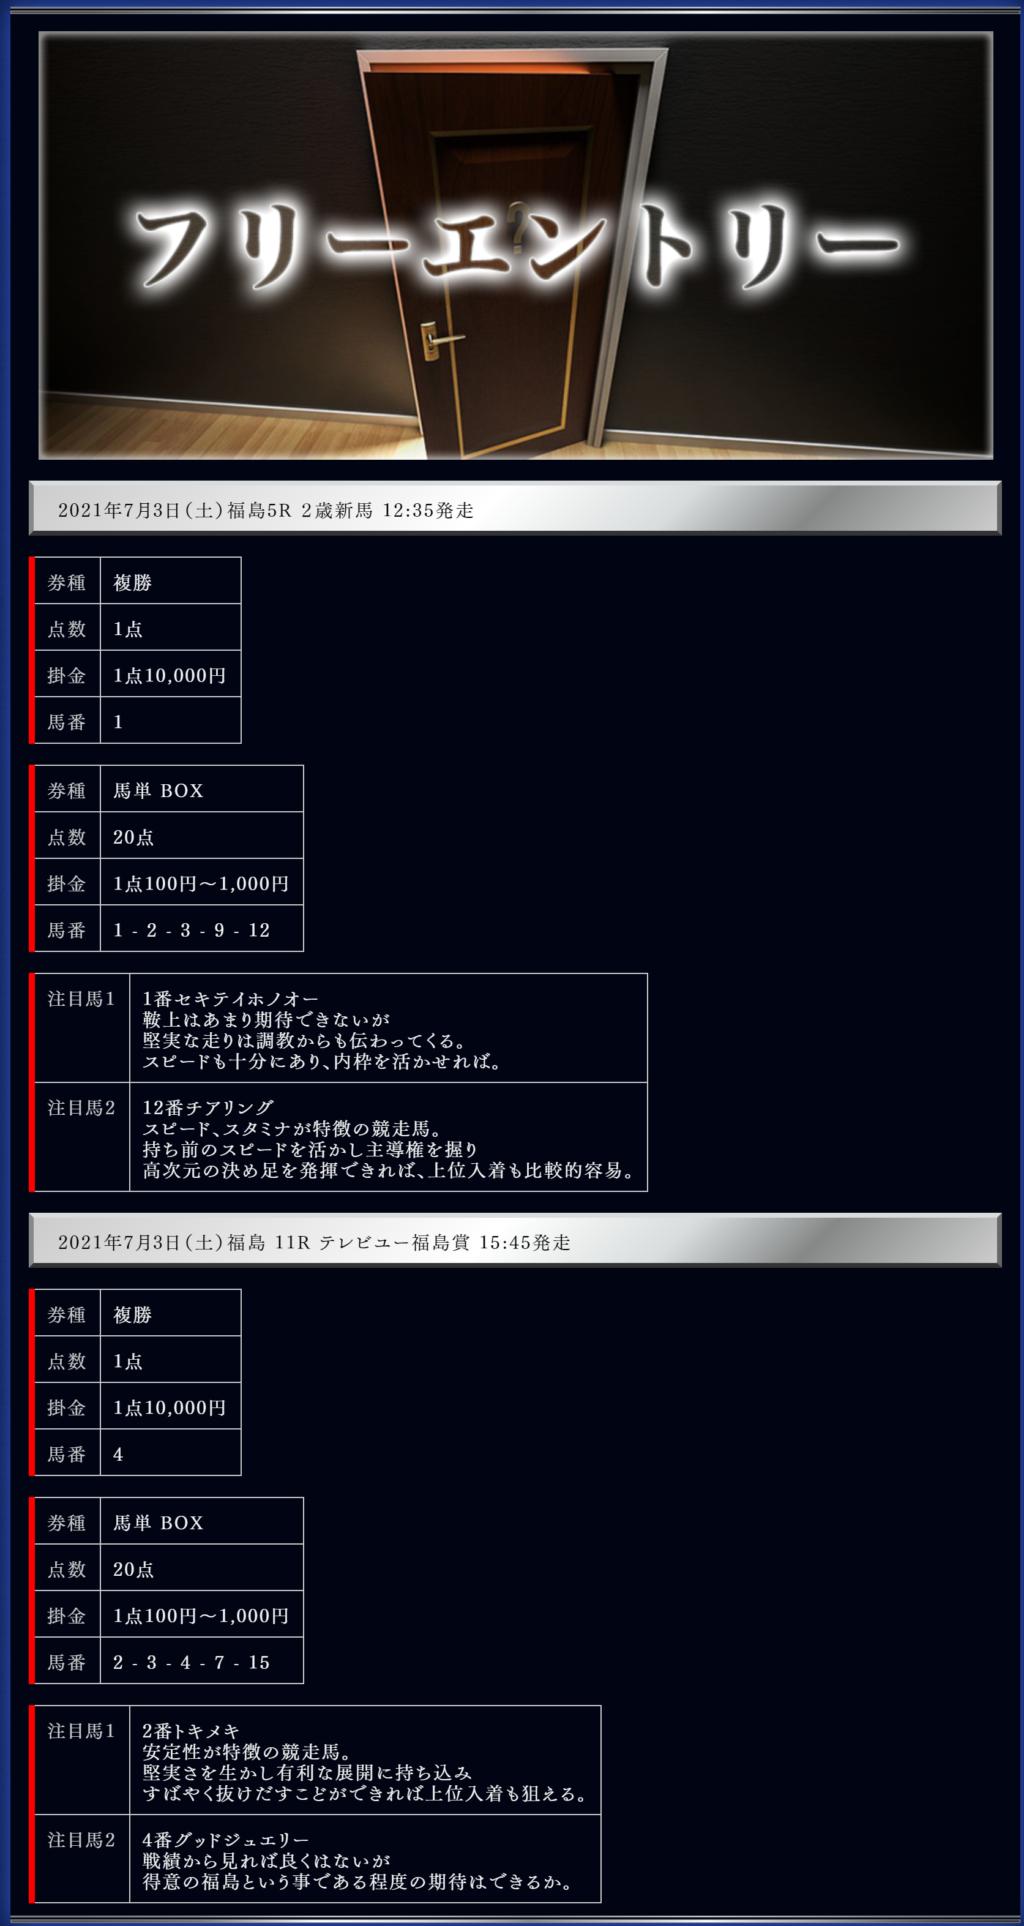 競馬予想サイトのEDGE(エッジ)の無料情報7月3日福島競馬場5R、11R無料予想検証結果